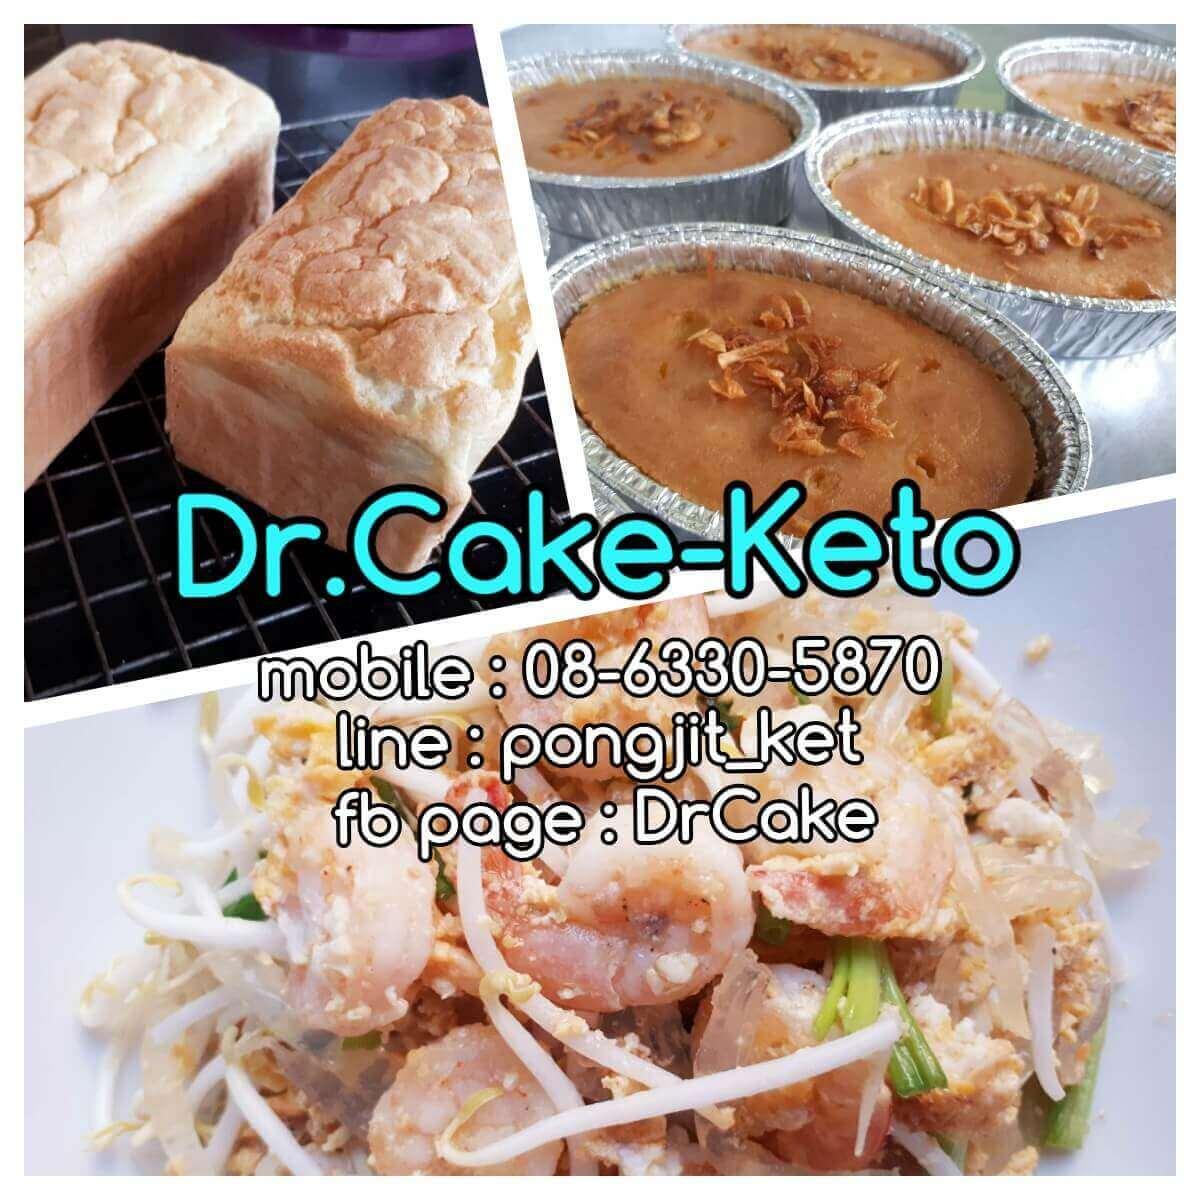 Dr.Cake